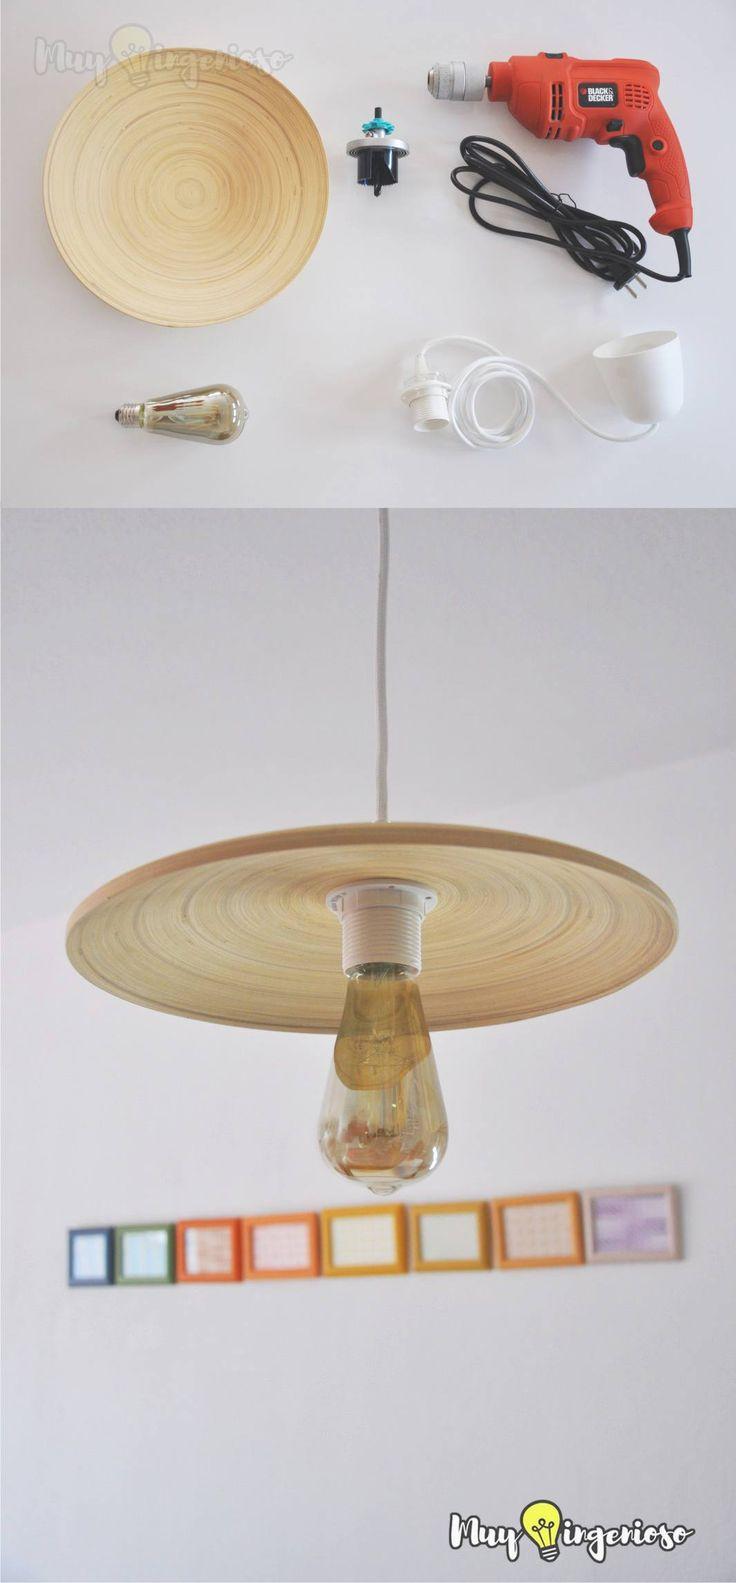 DIY Ikea Hack Pendant Light - Lámpara DIY con Ikea Hack